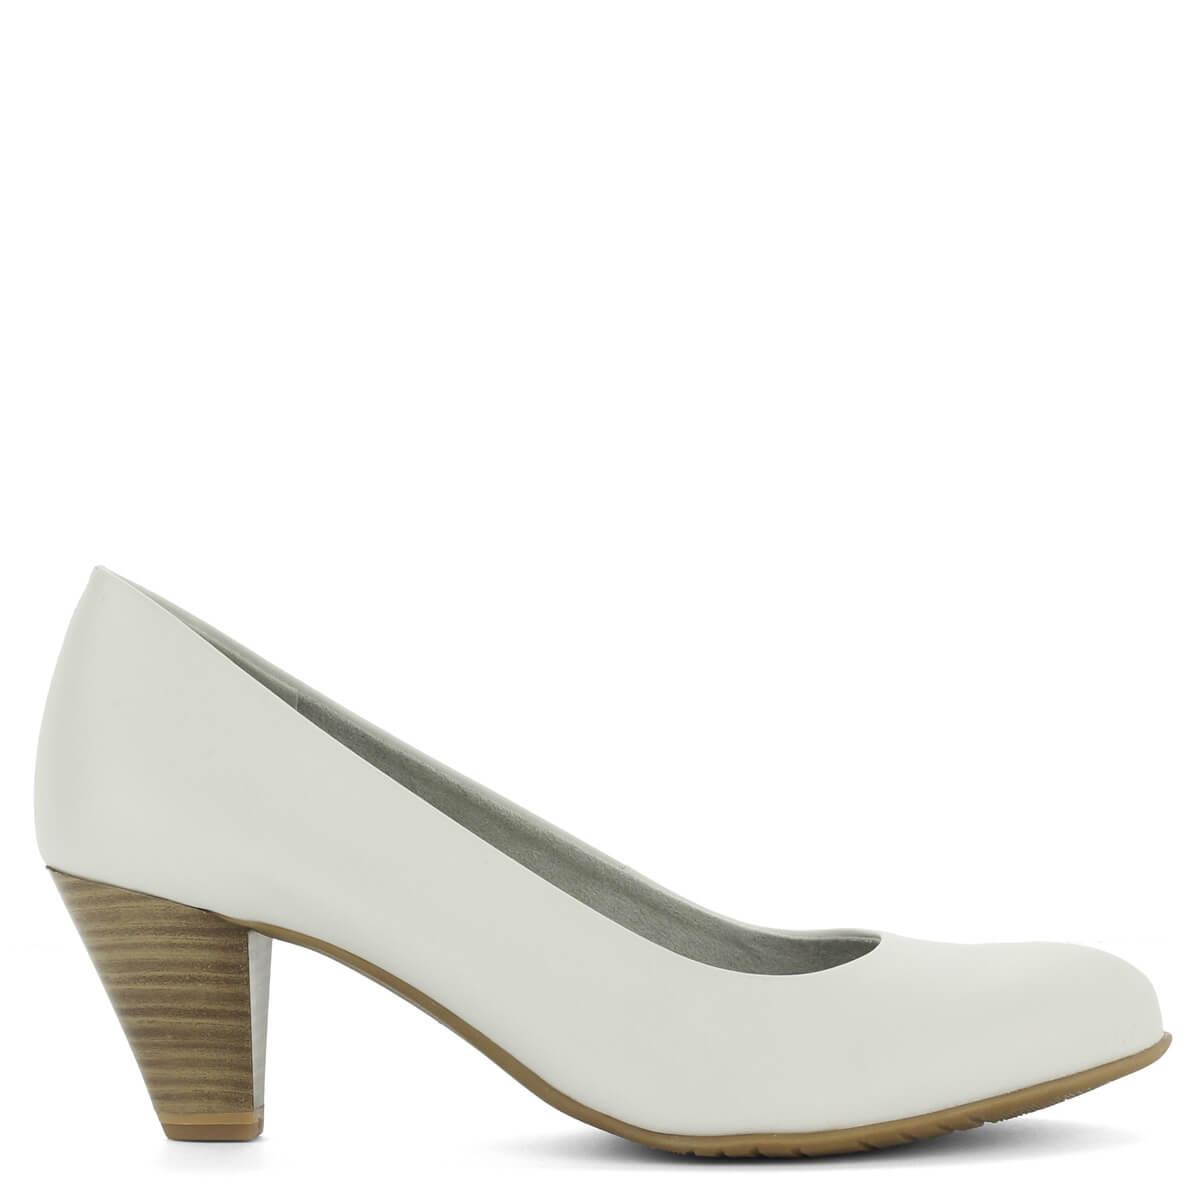 Fehér Tamaris cipő közepes sarokkal. Belsejében Touch It talpbélés fokozza  a kényelmet 8d98c1379f